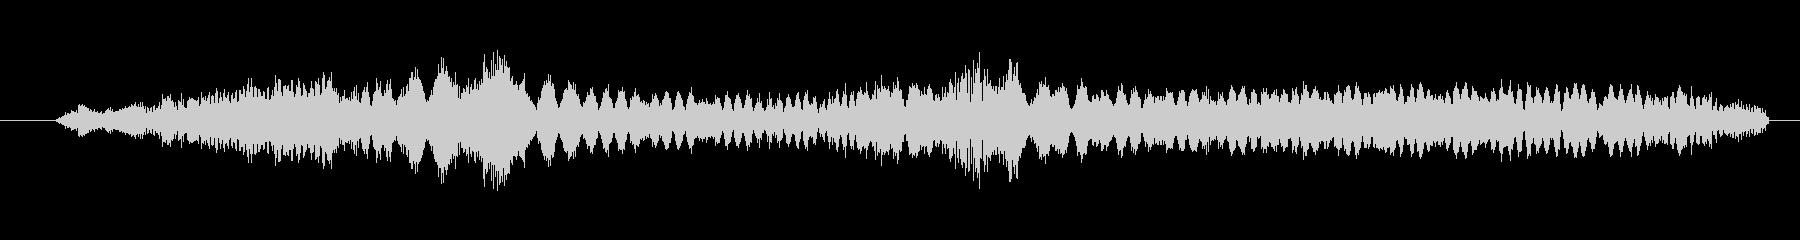 特撮 インターフェース計算04の未再生の波形